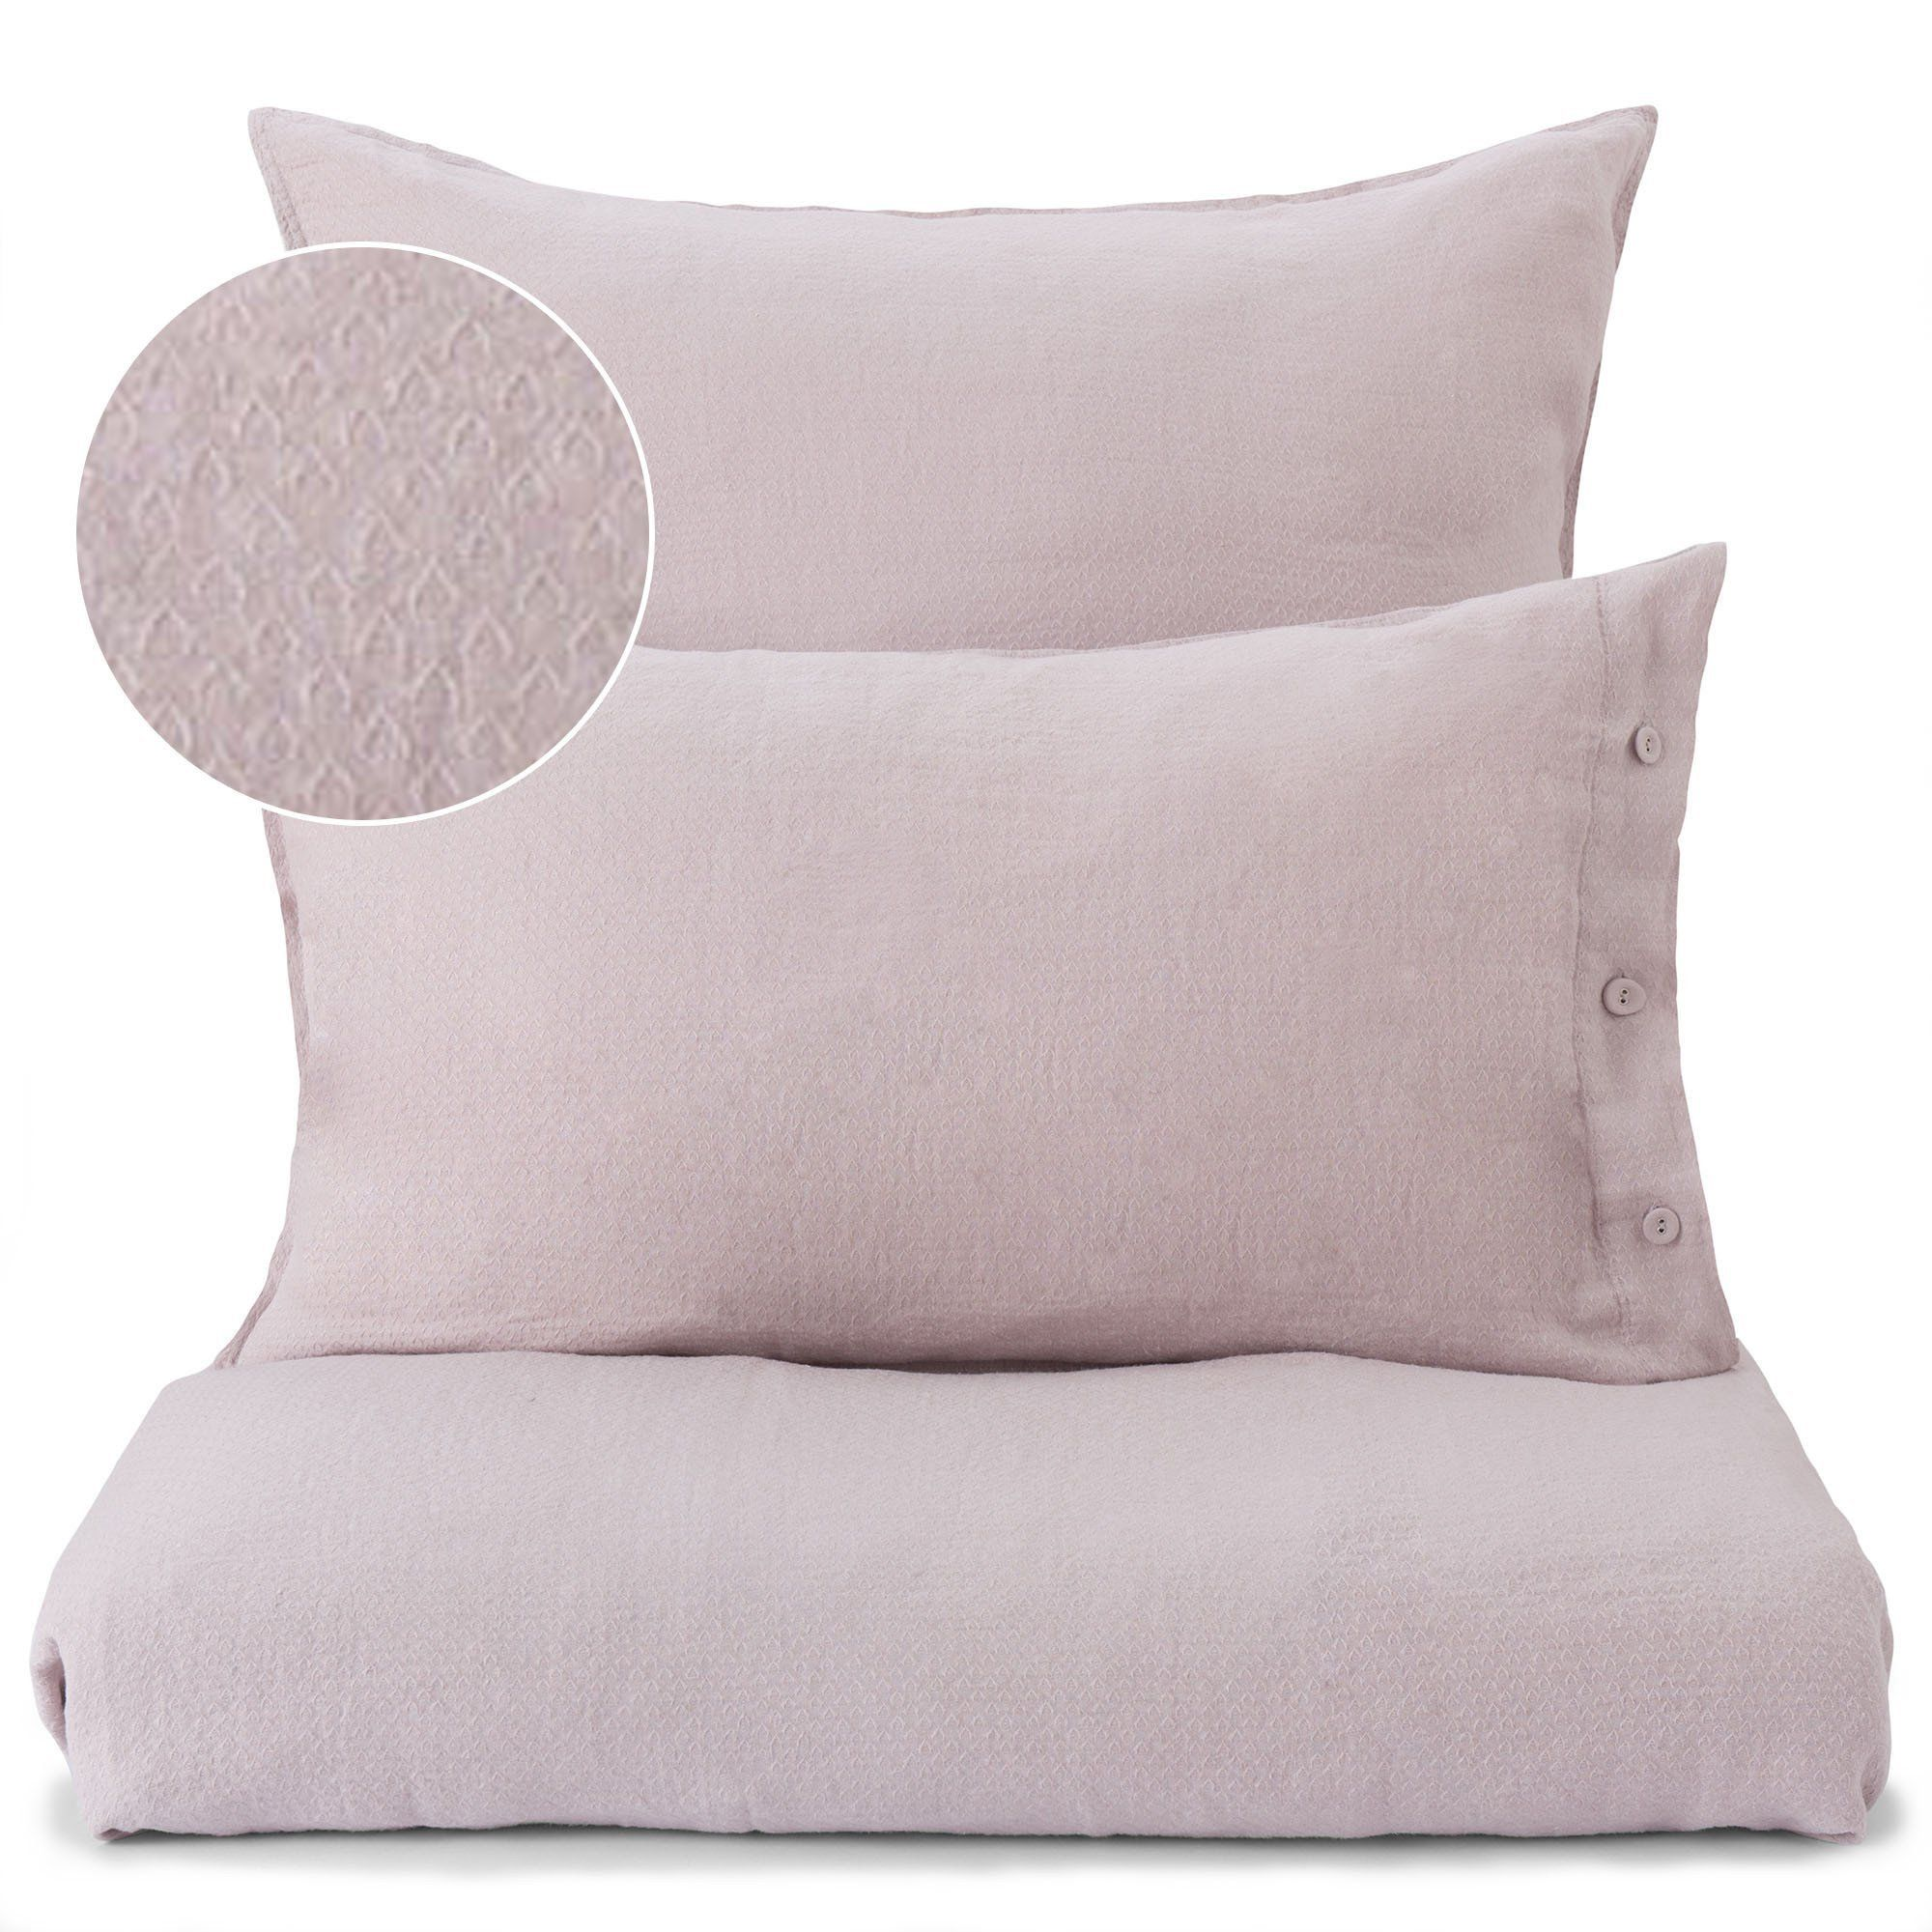 Leinen Bettwasche Lousa Zartrosa 200x200 Cm Leinenbettwasche Bettwasche Und Designer Bettwasche